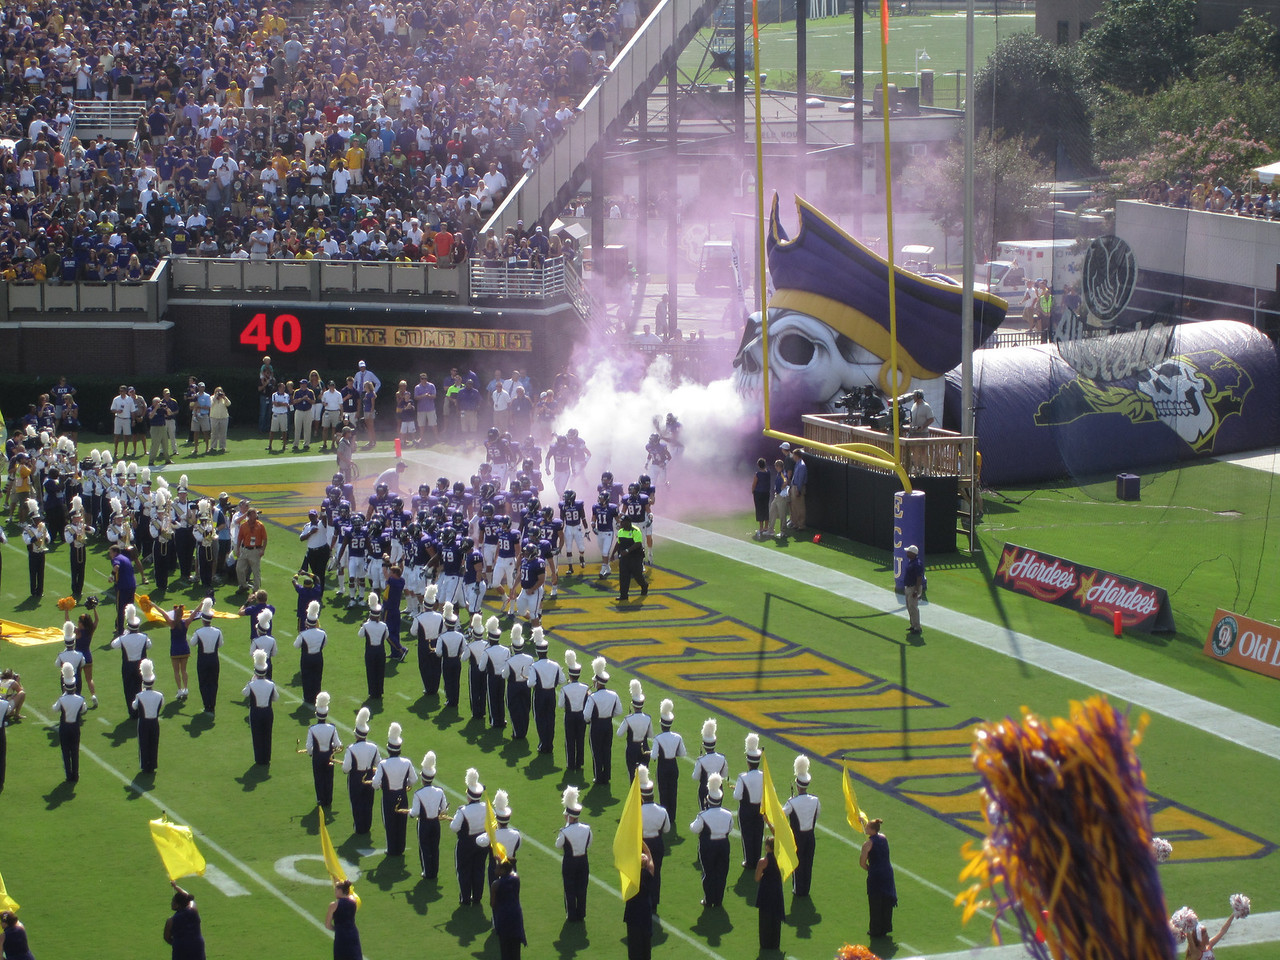 9/10/2011 ECU vs Virginia Tech